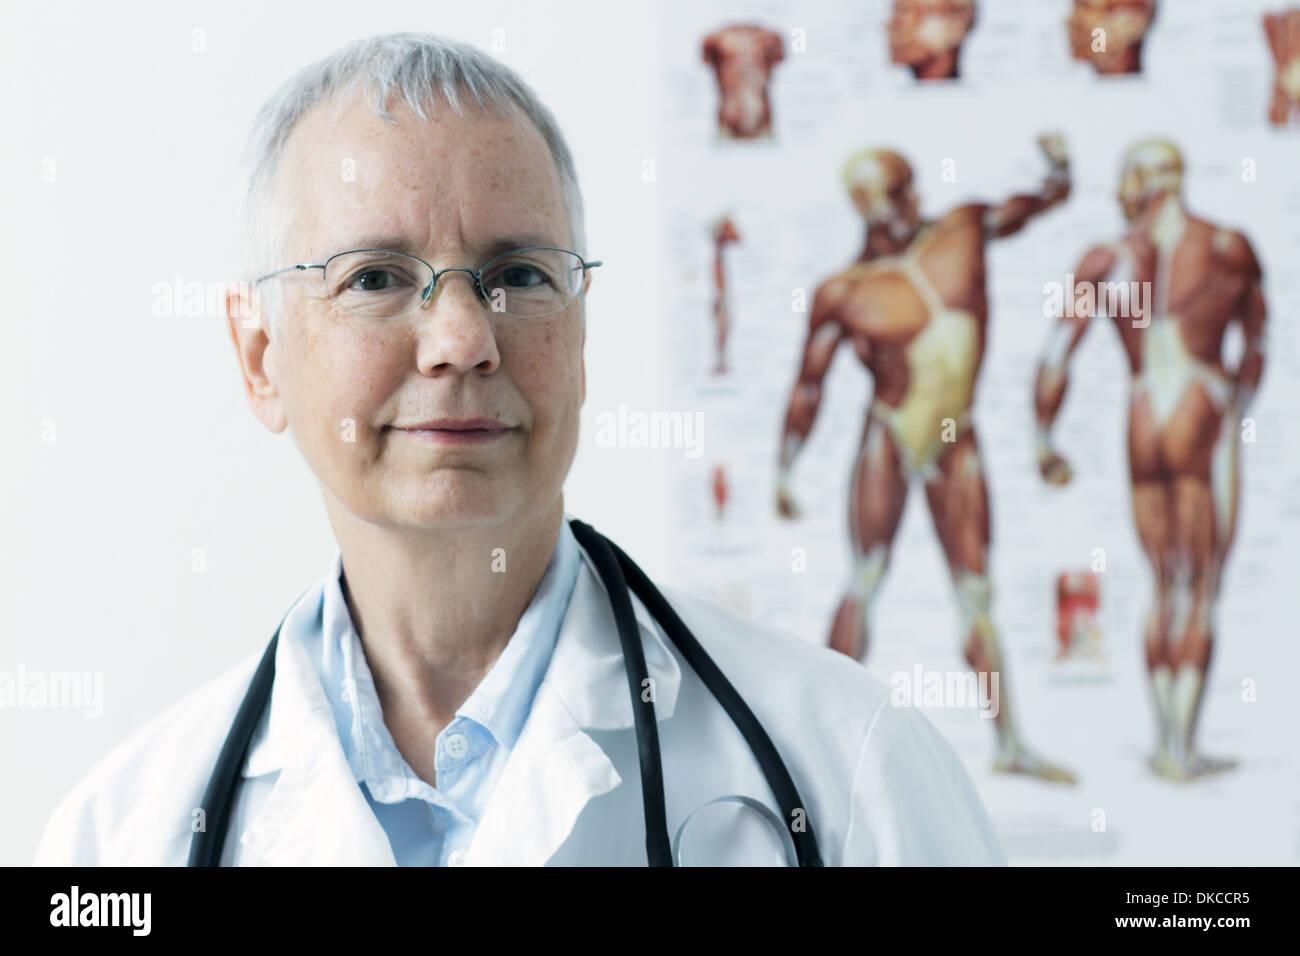 Une femme doc avec un muscle humain personne poster à l'arrière-plan, Photo Stock